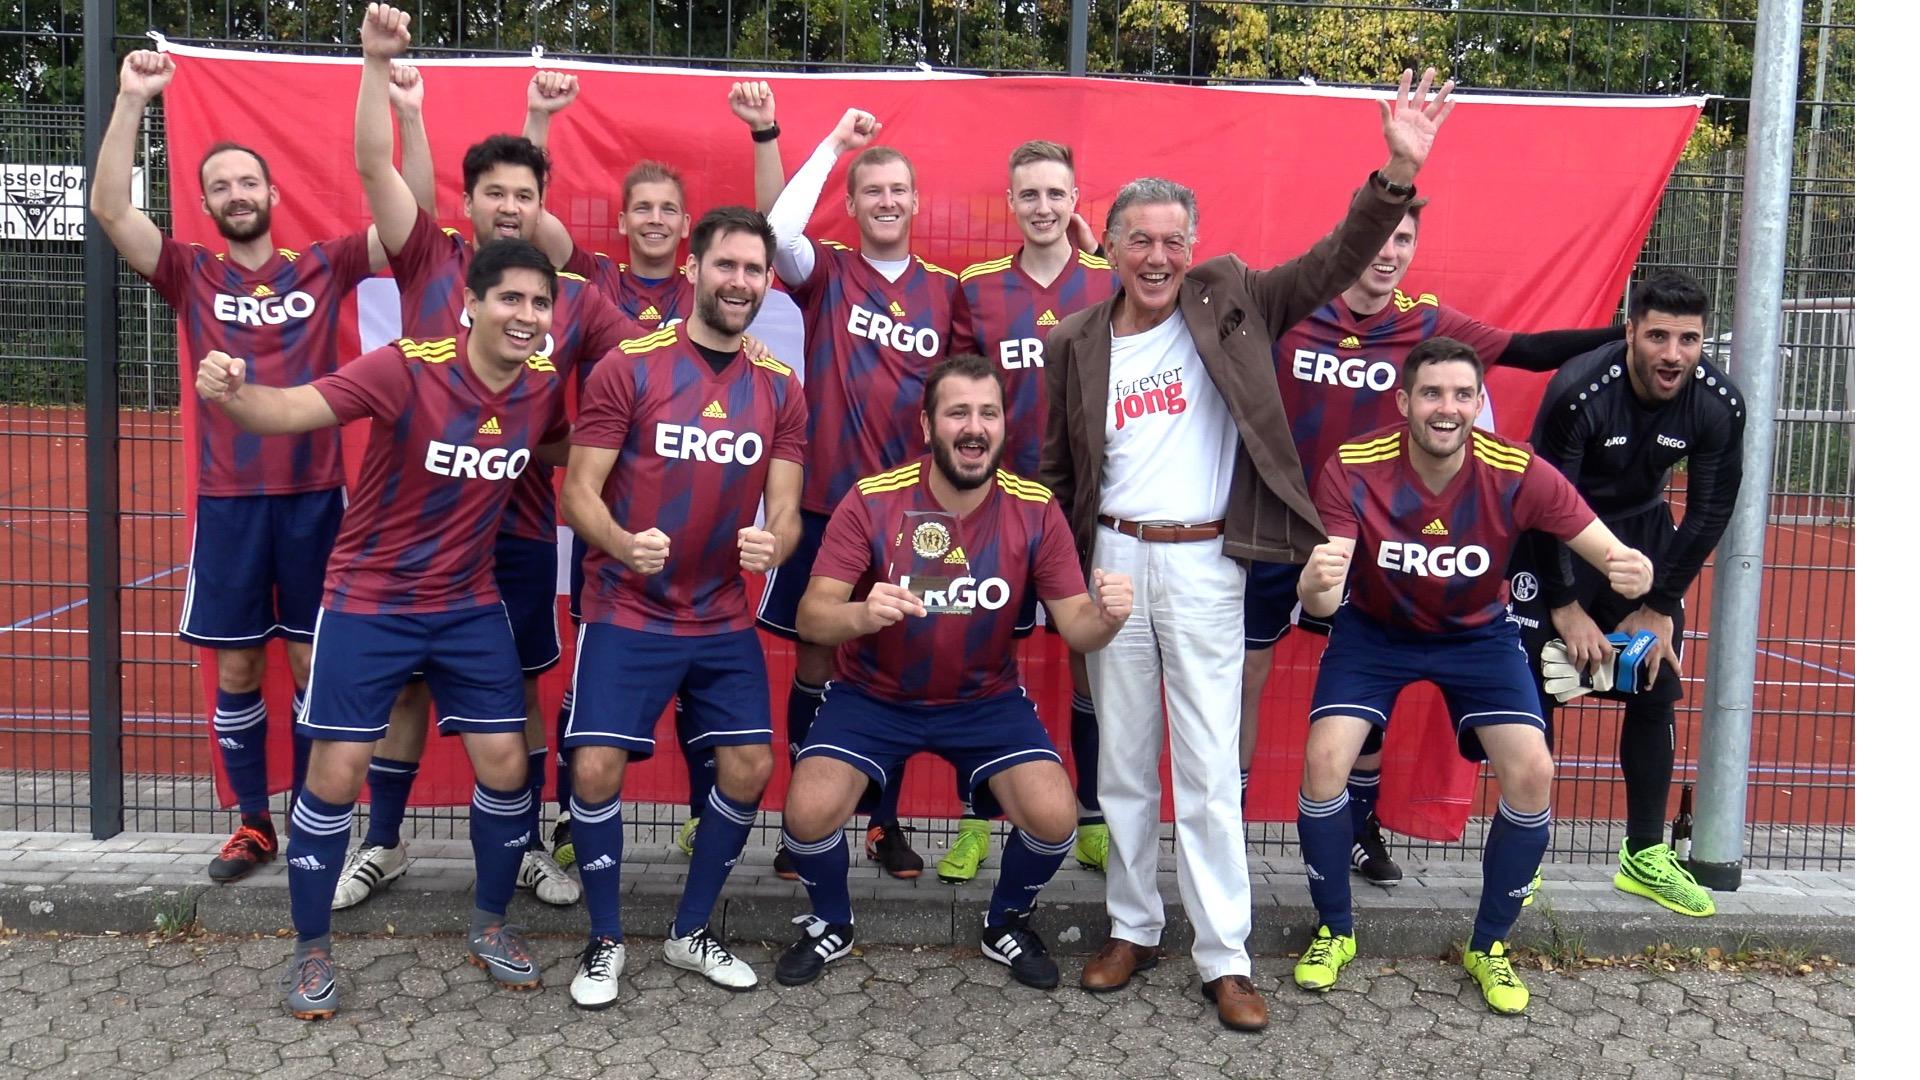 Turnier-Sieger ERGO mit Baas.jpg